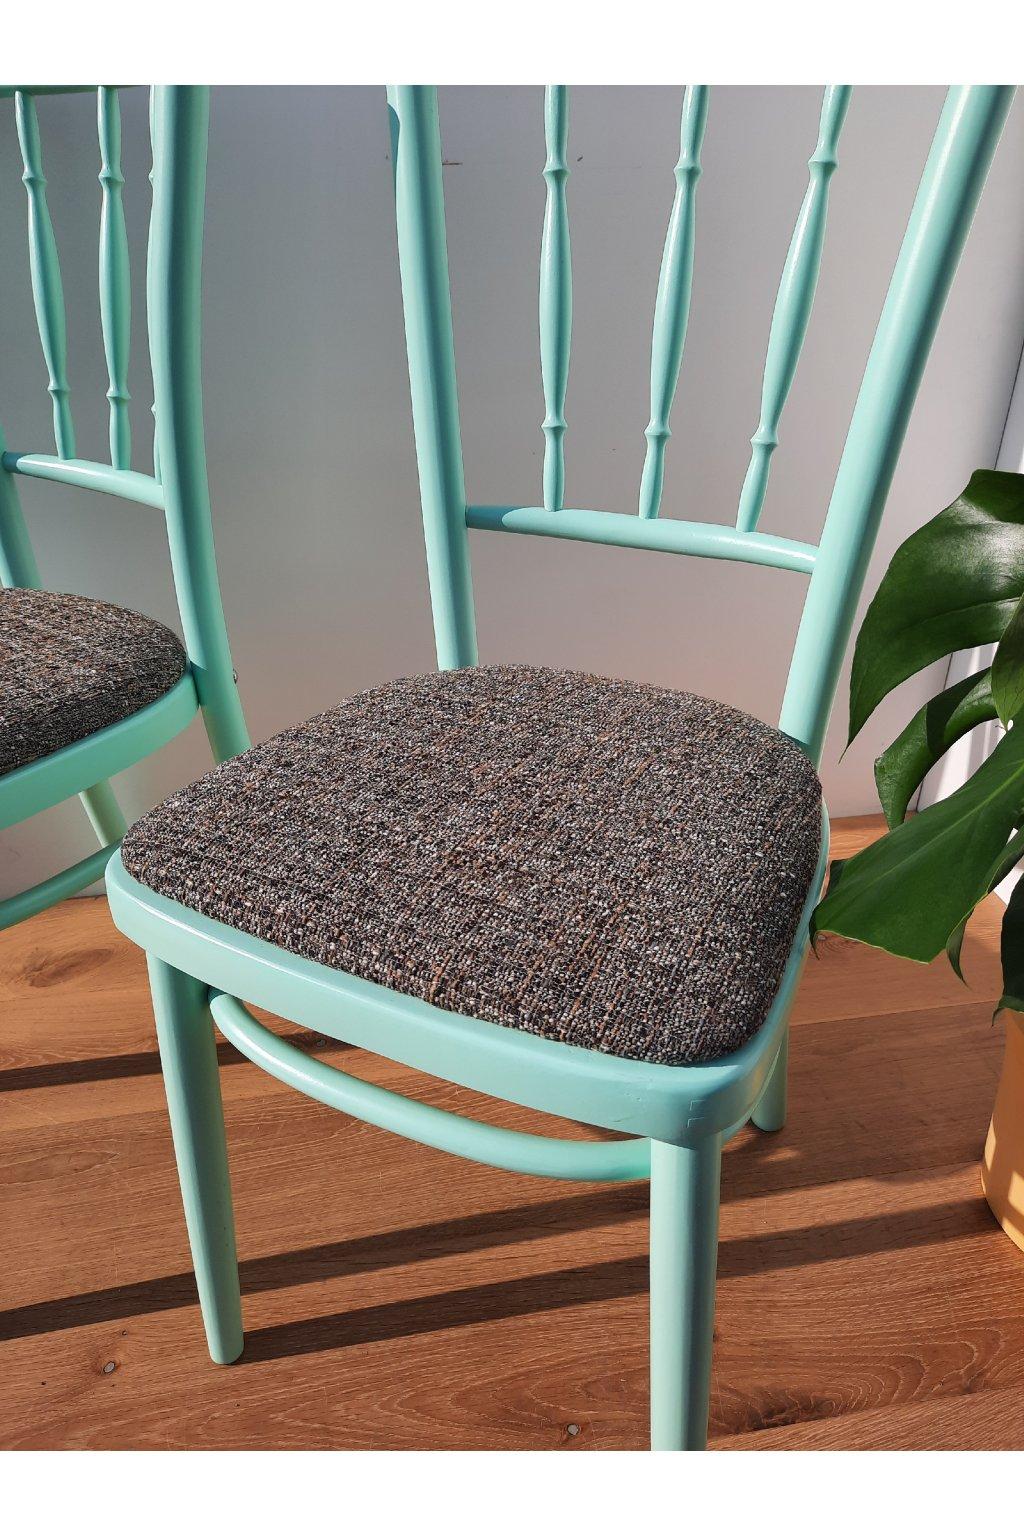 židle Ton .cvikrdesign.